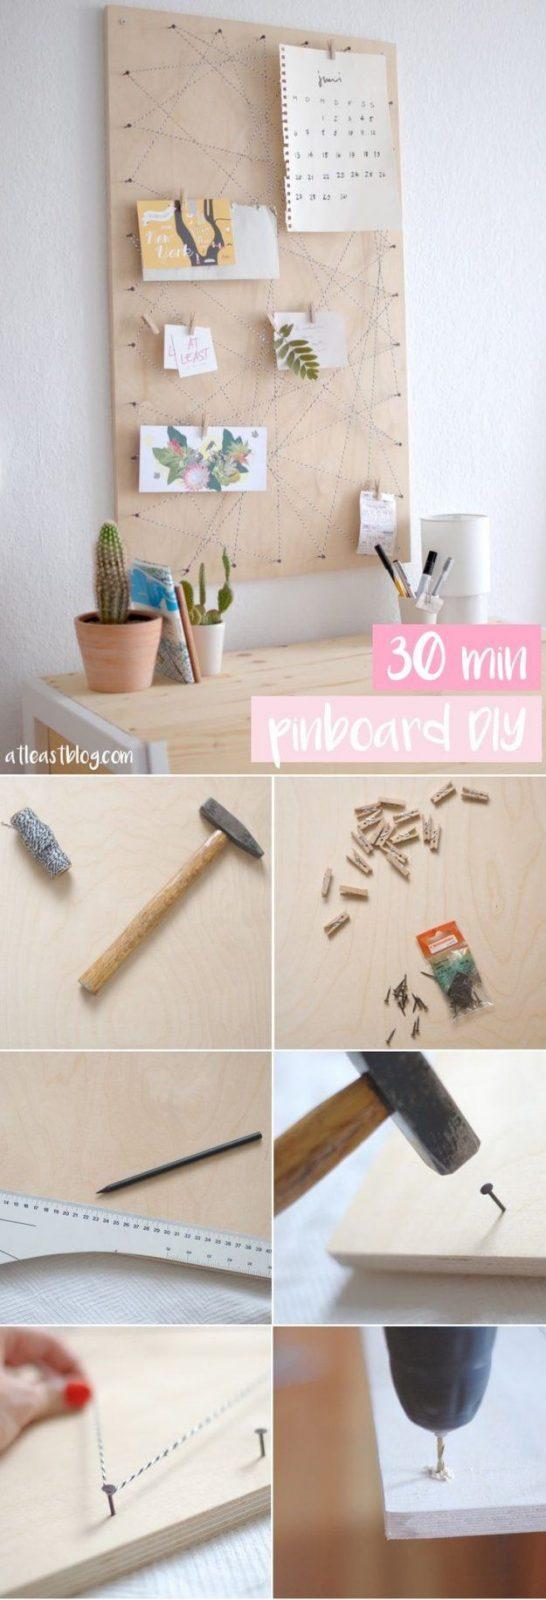 17 Besten Memoboard Bilder Auf Pinterest  Bastelei Wohnideen Und von Günstige Wohnideen Zum Selber Machen Photo